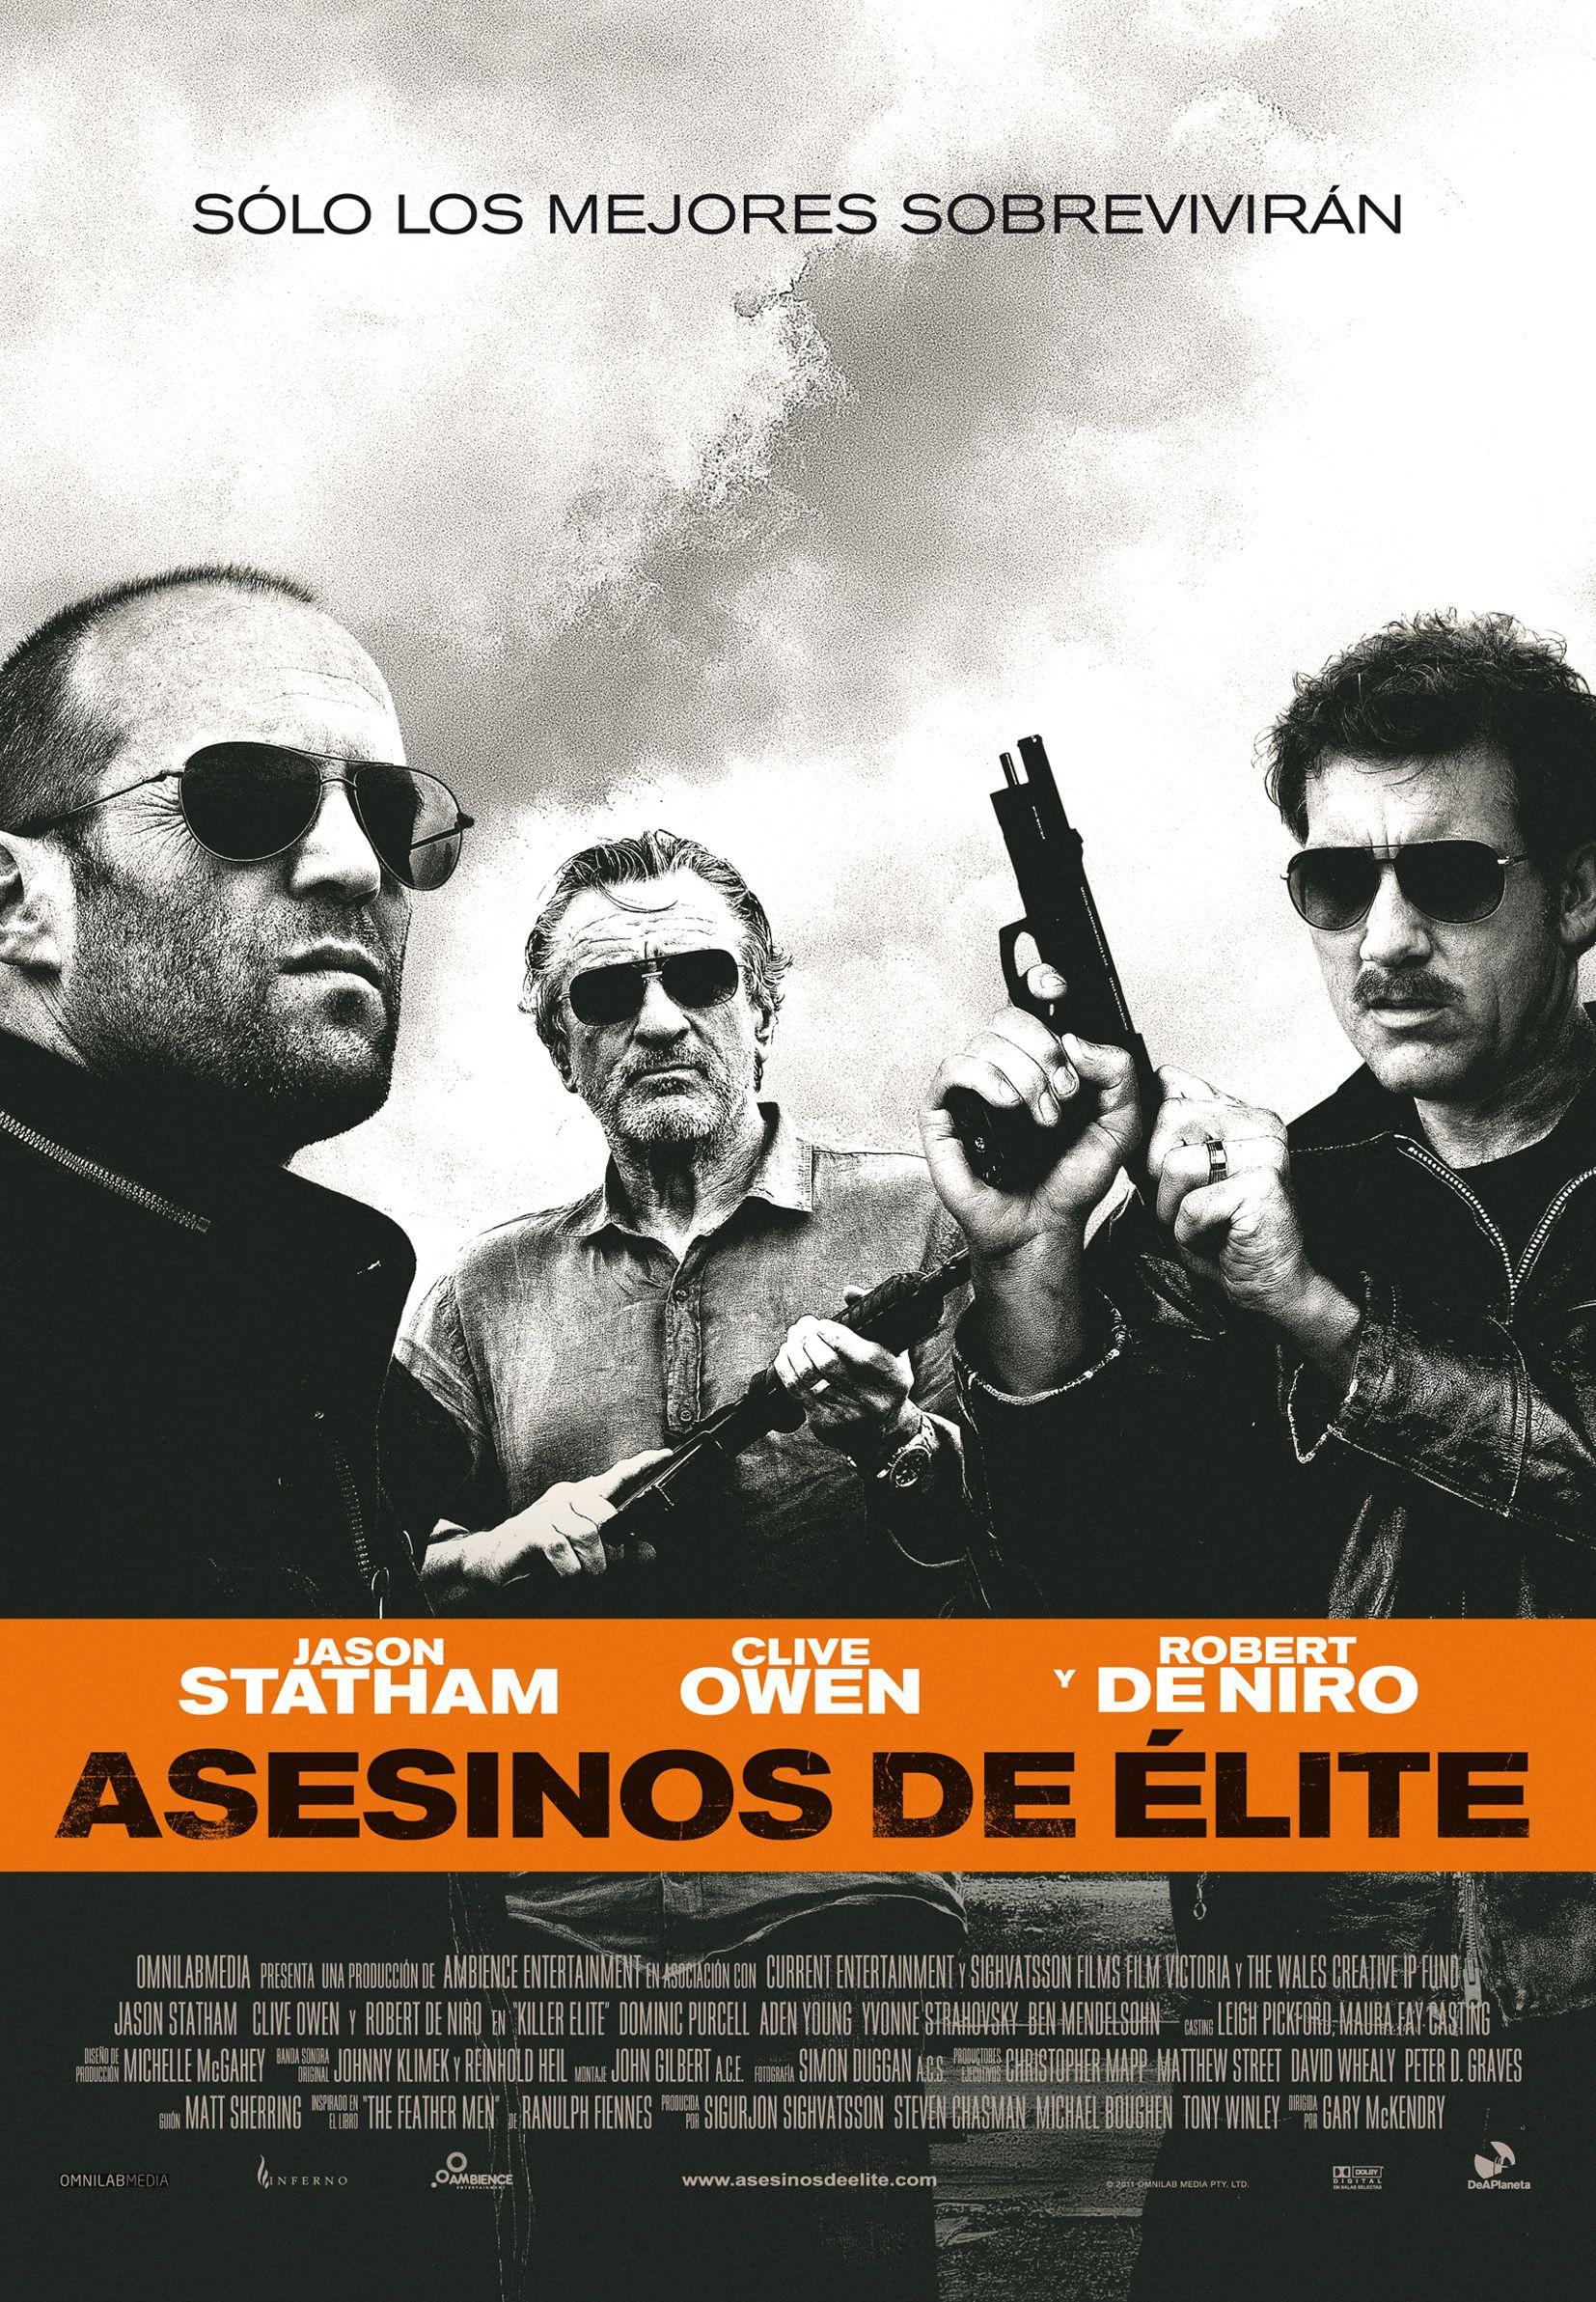 Asesinos De Elite 2011 Ver Online Http Youtu Be Z37ywoo6jtu Peliculas Completas Portadas De Peliculas Afiche De Pelicula